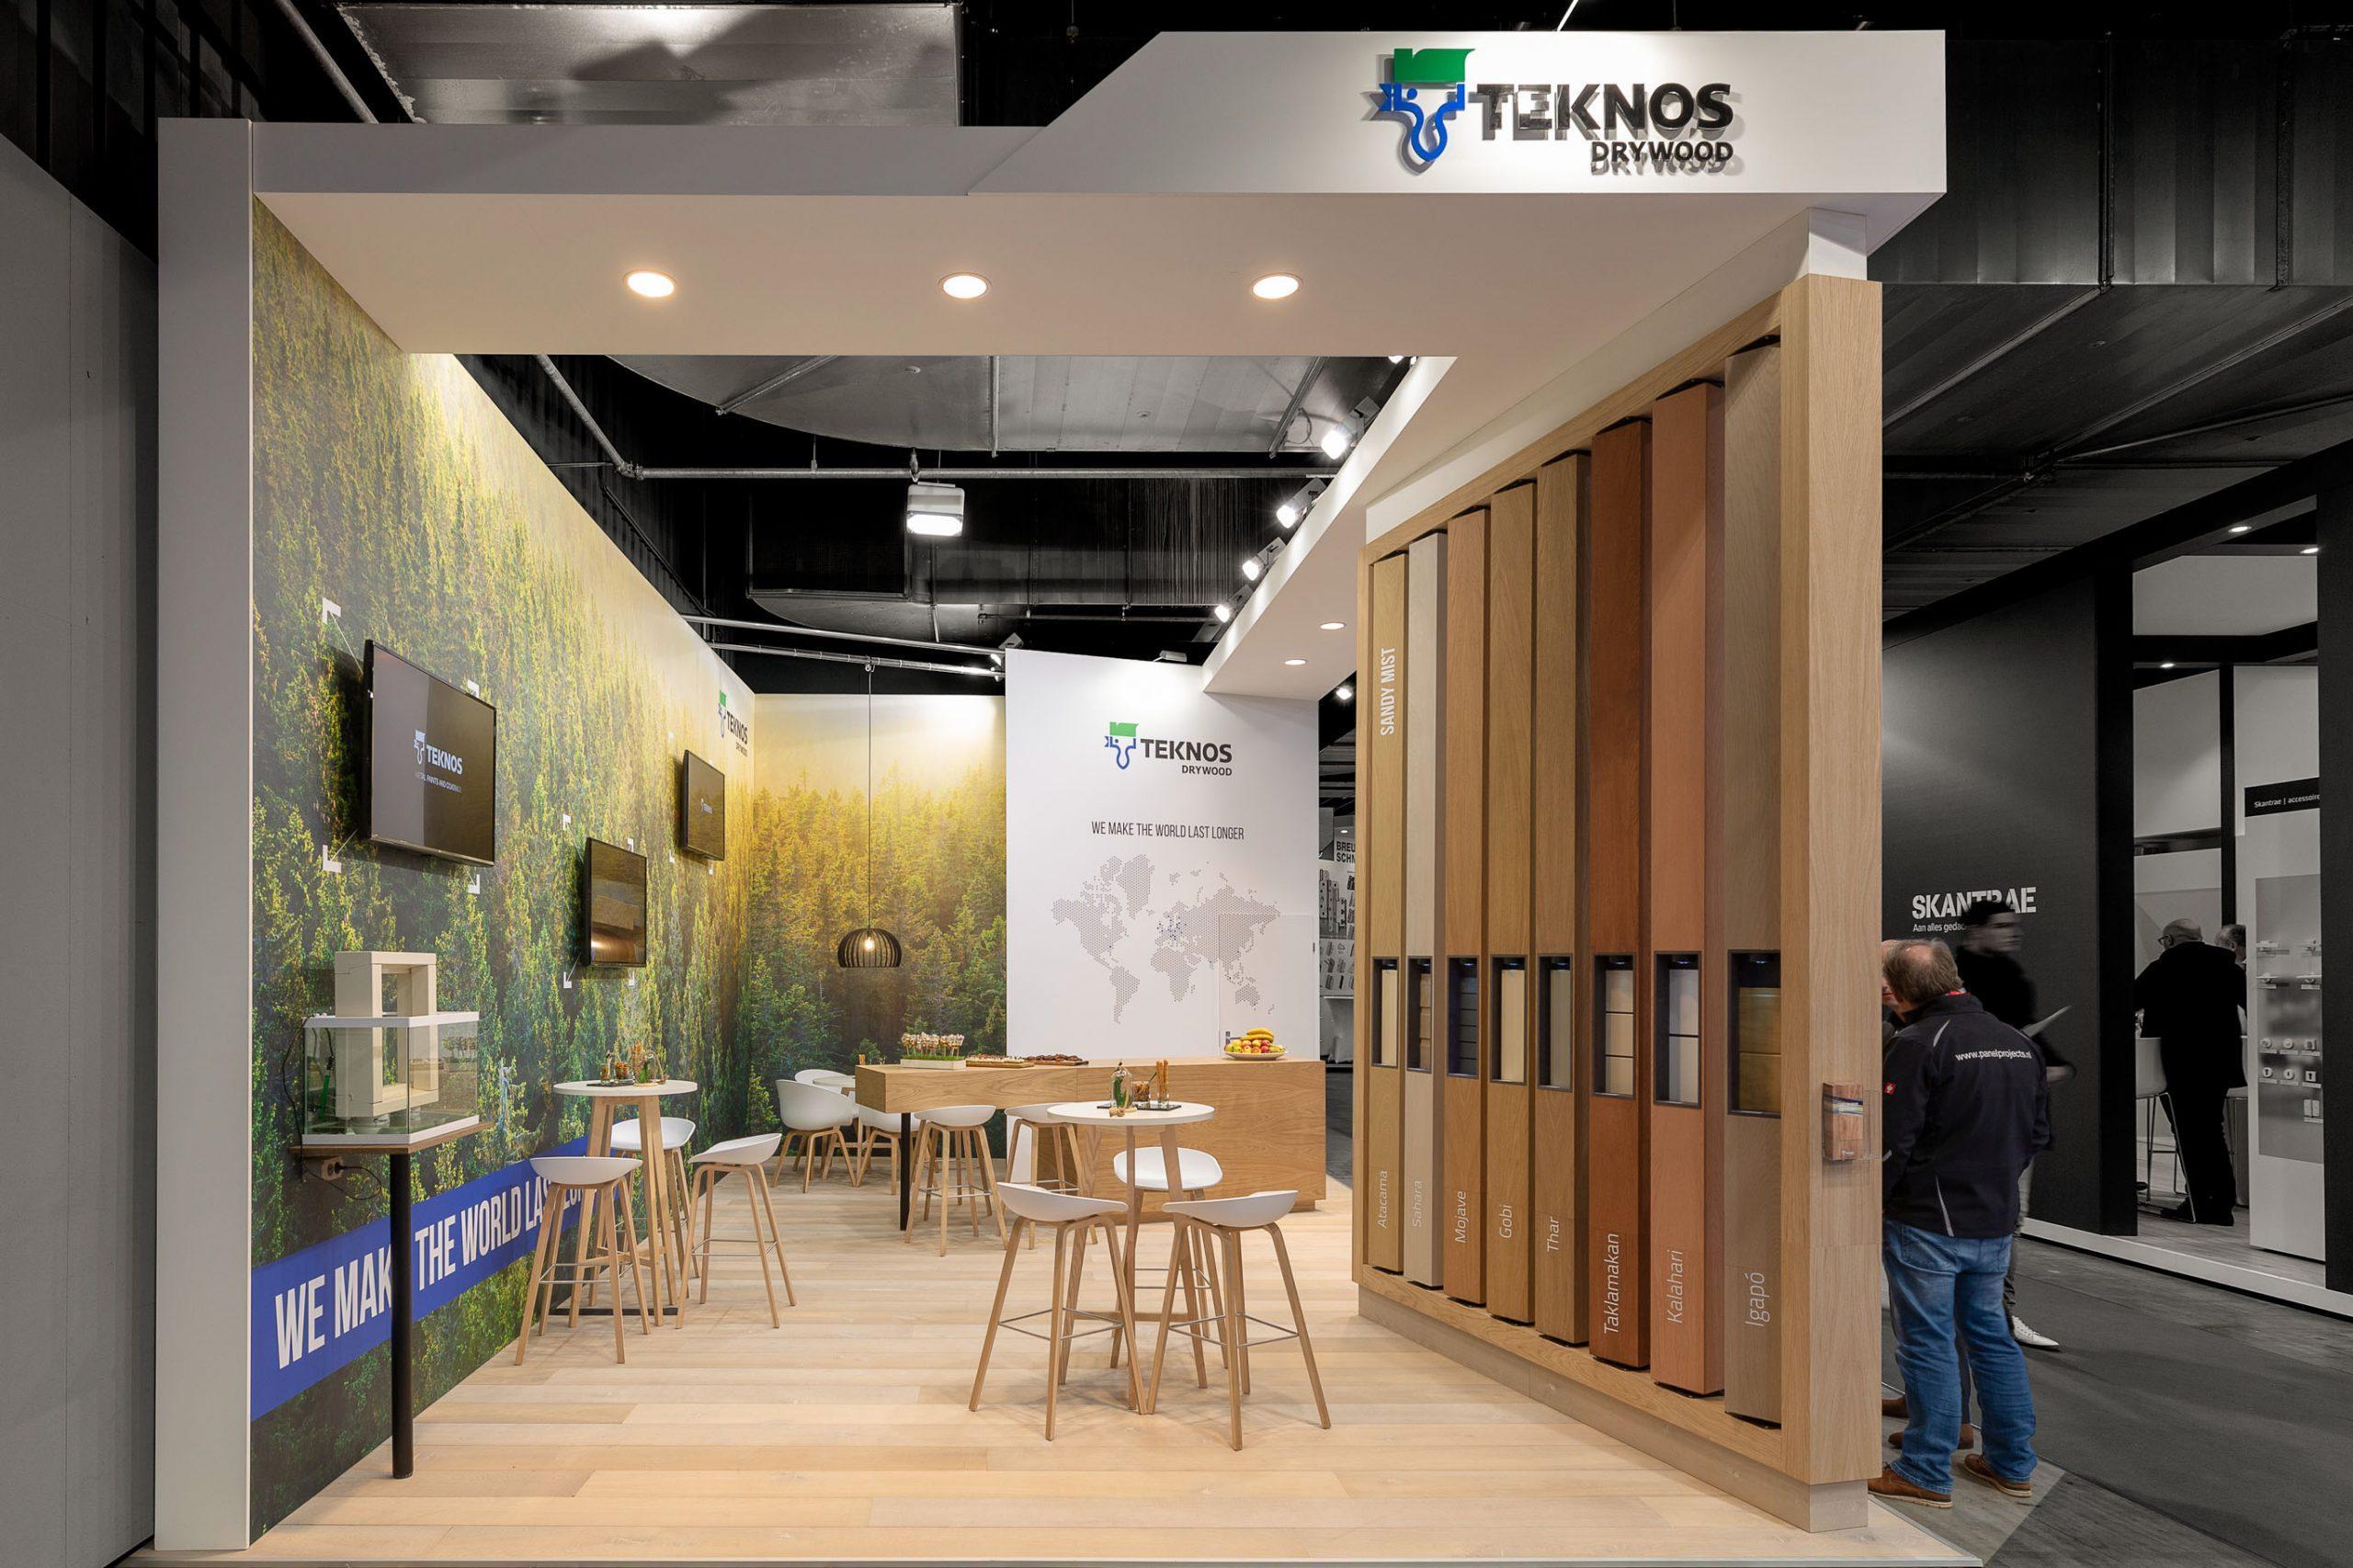 Standbouw - Teknos Drywood - Bouwbeurs 2020 - 2